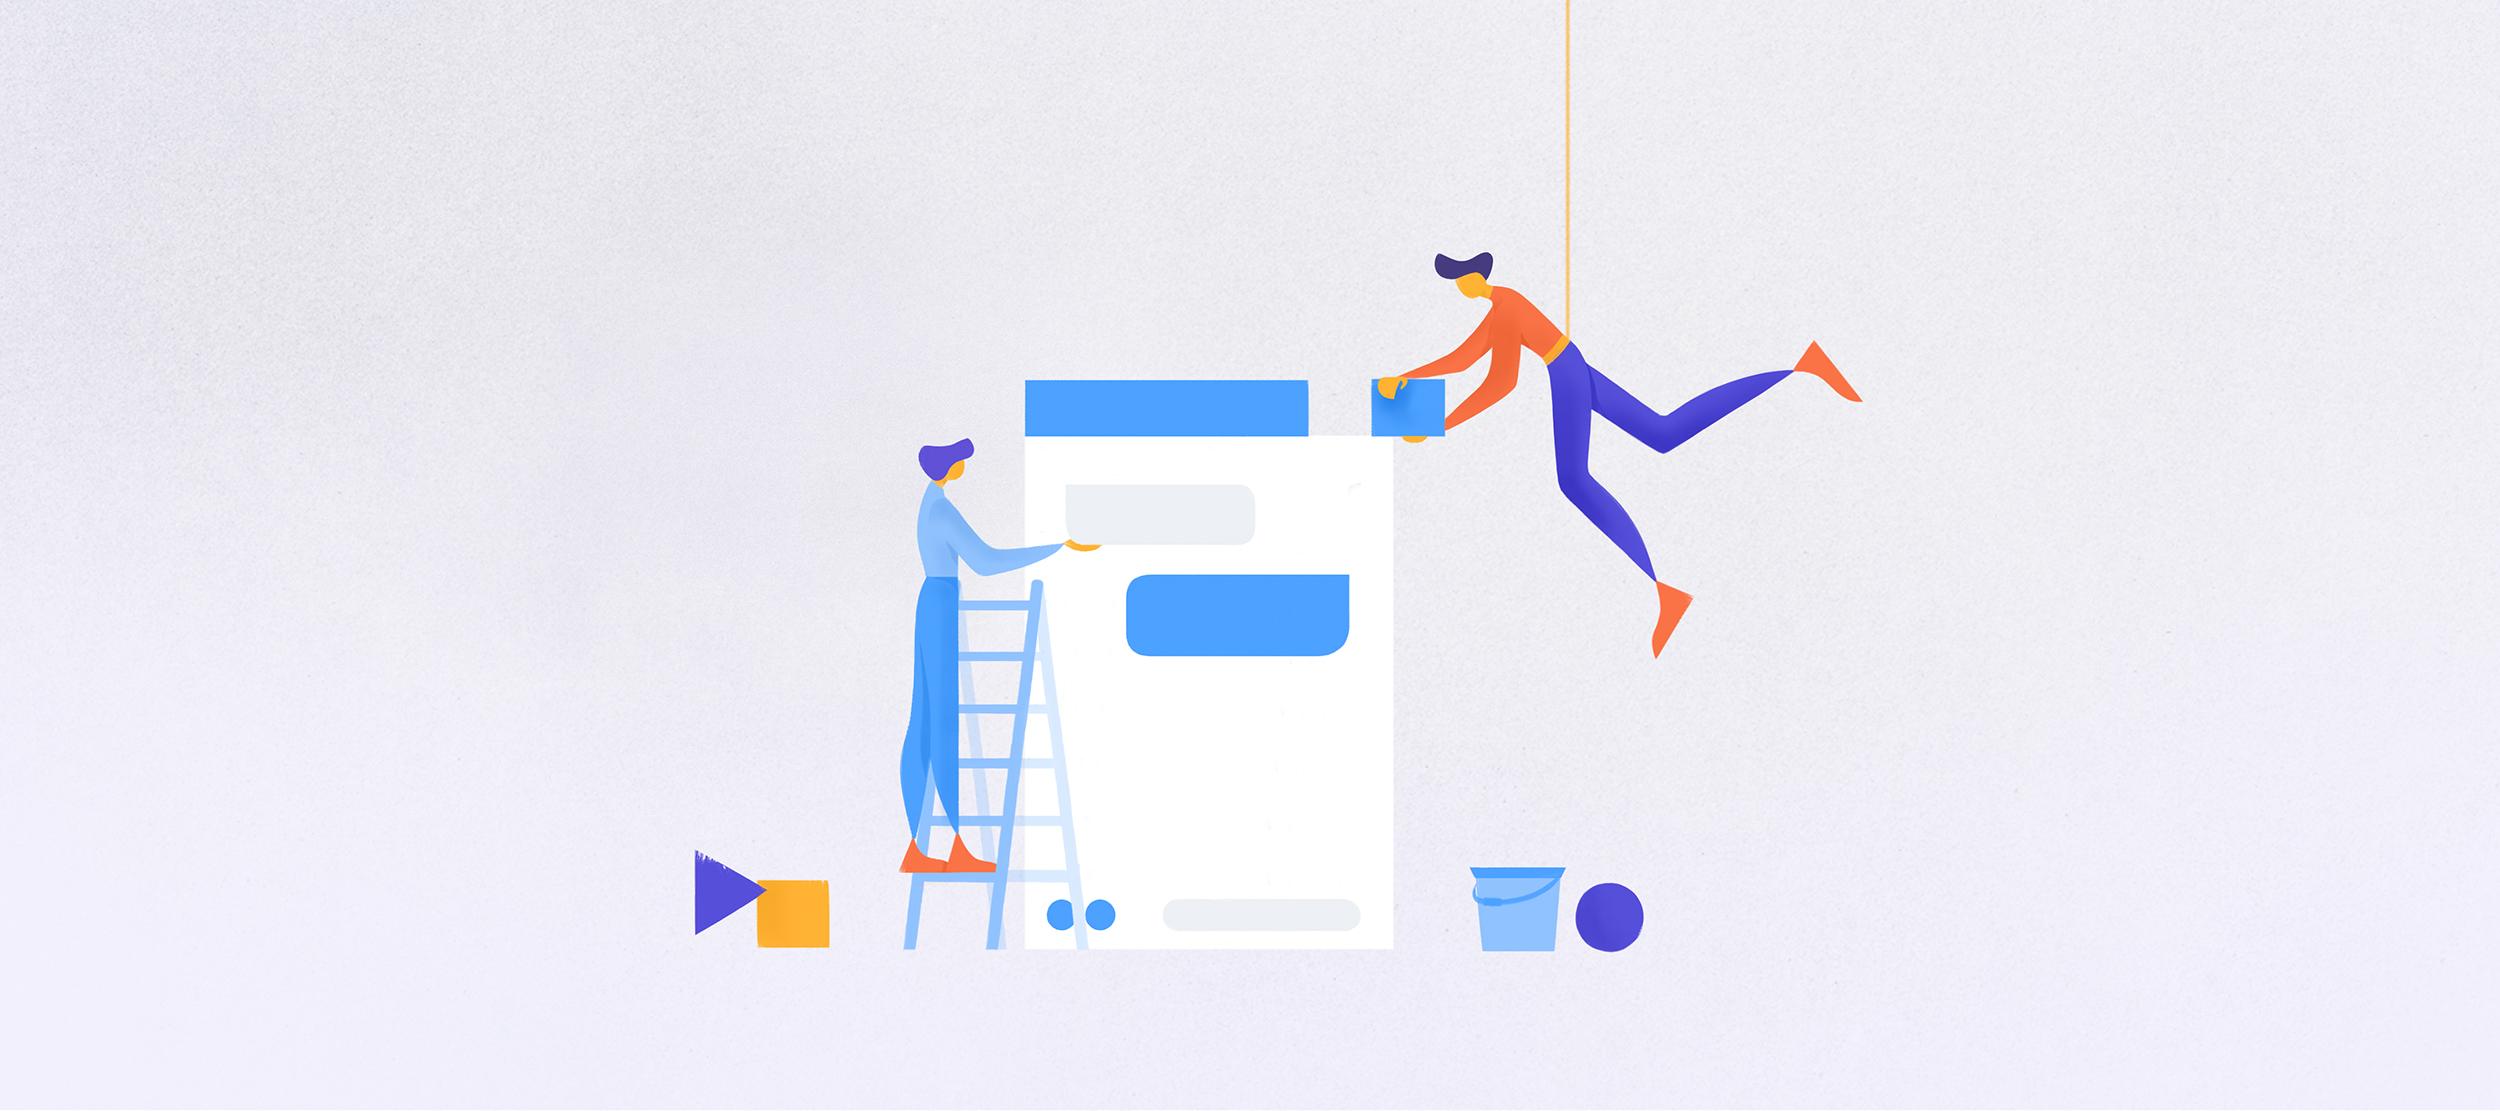 raffigurazione della costruzione del chatbot